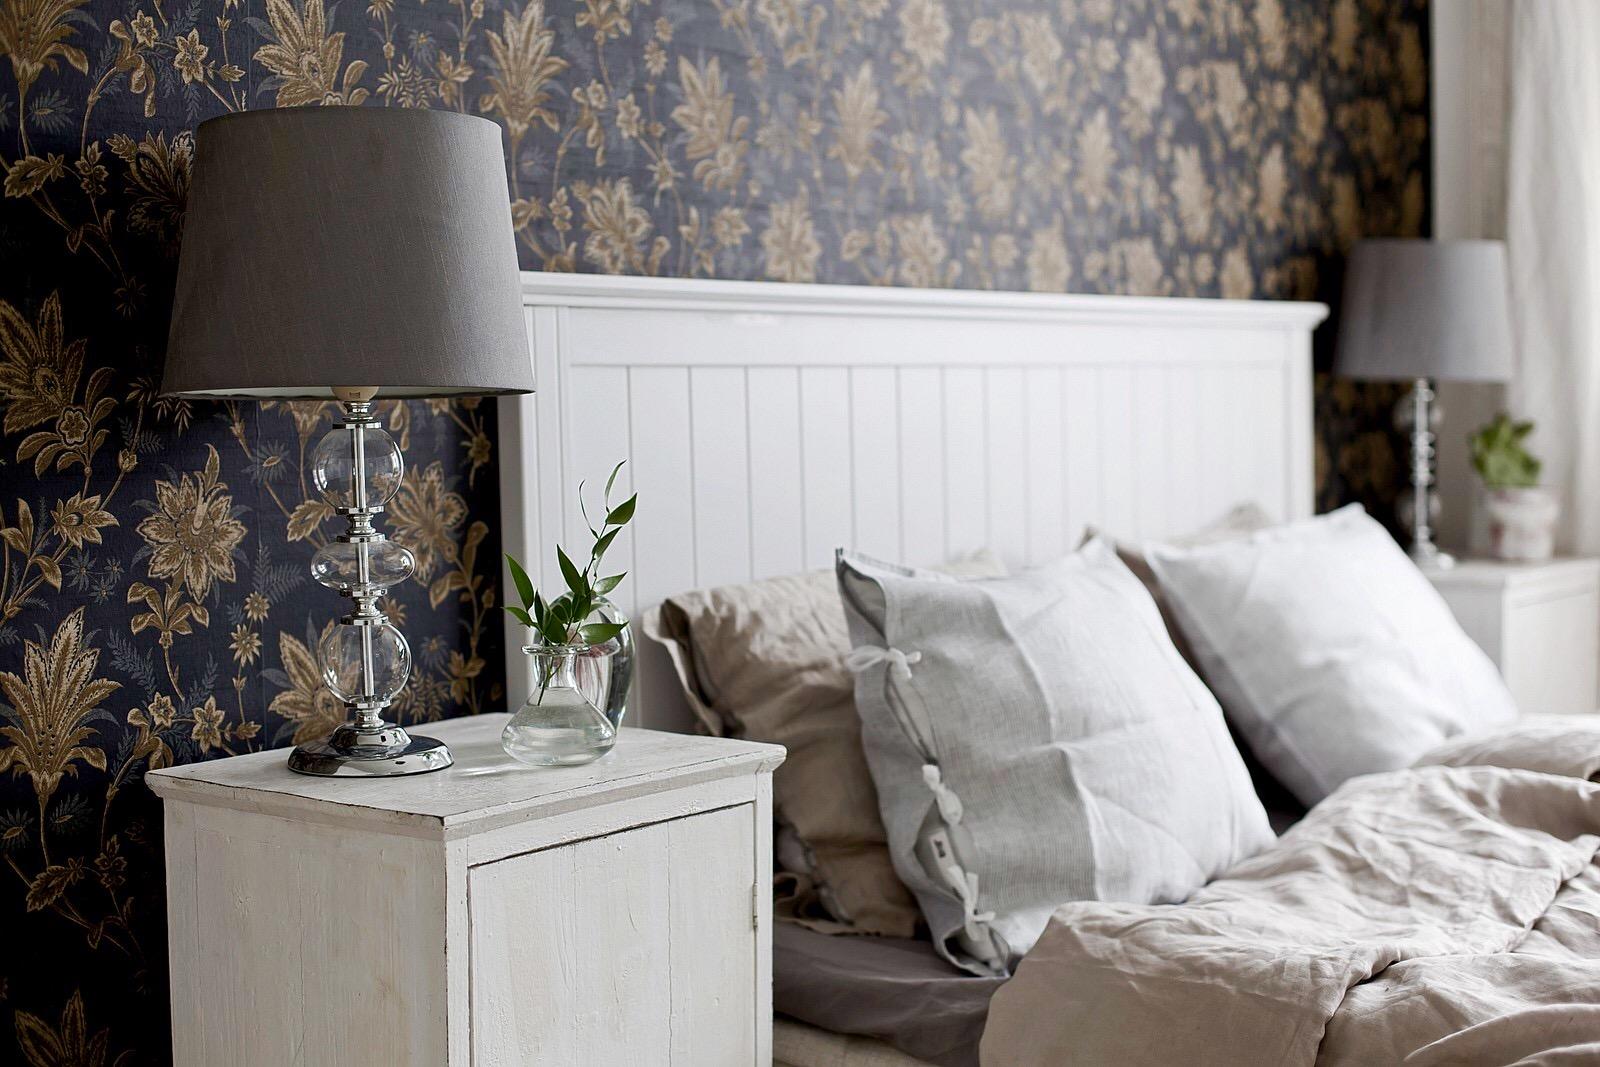 спальня кровать изголовье лампы комоды